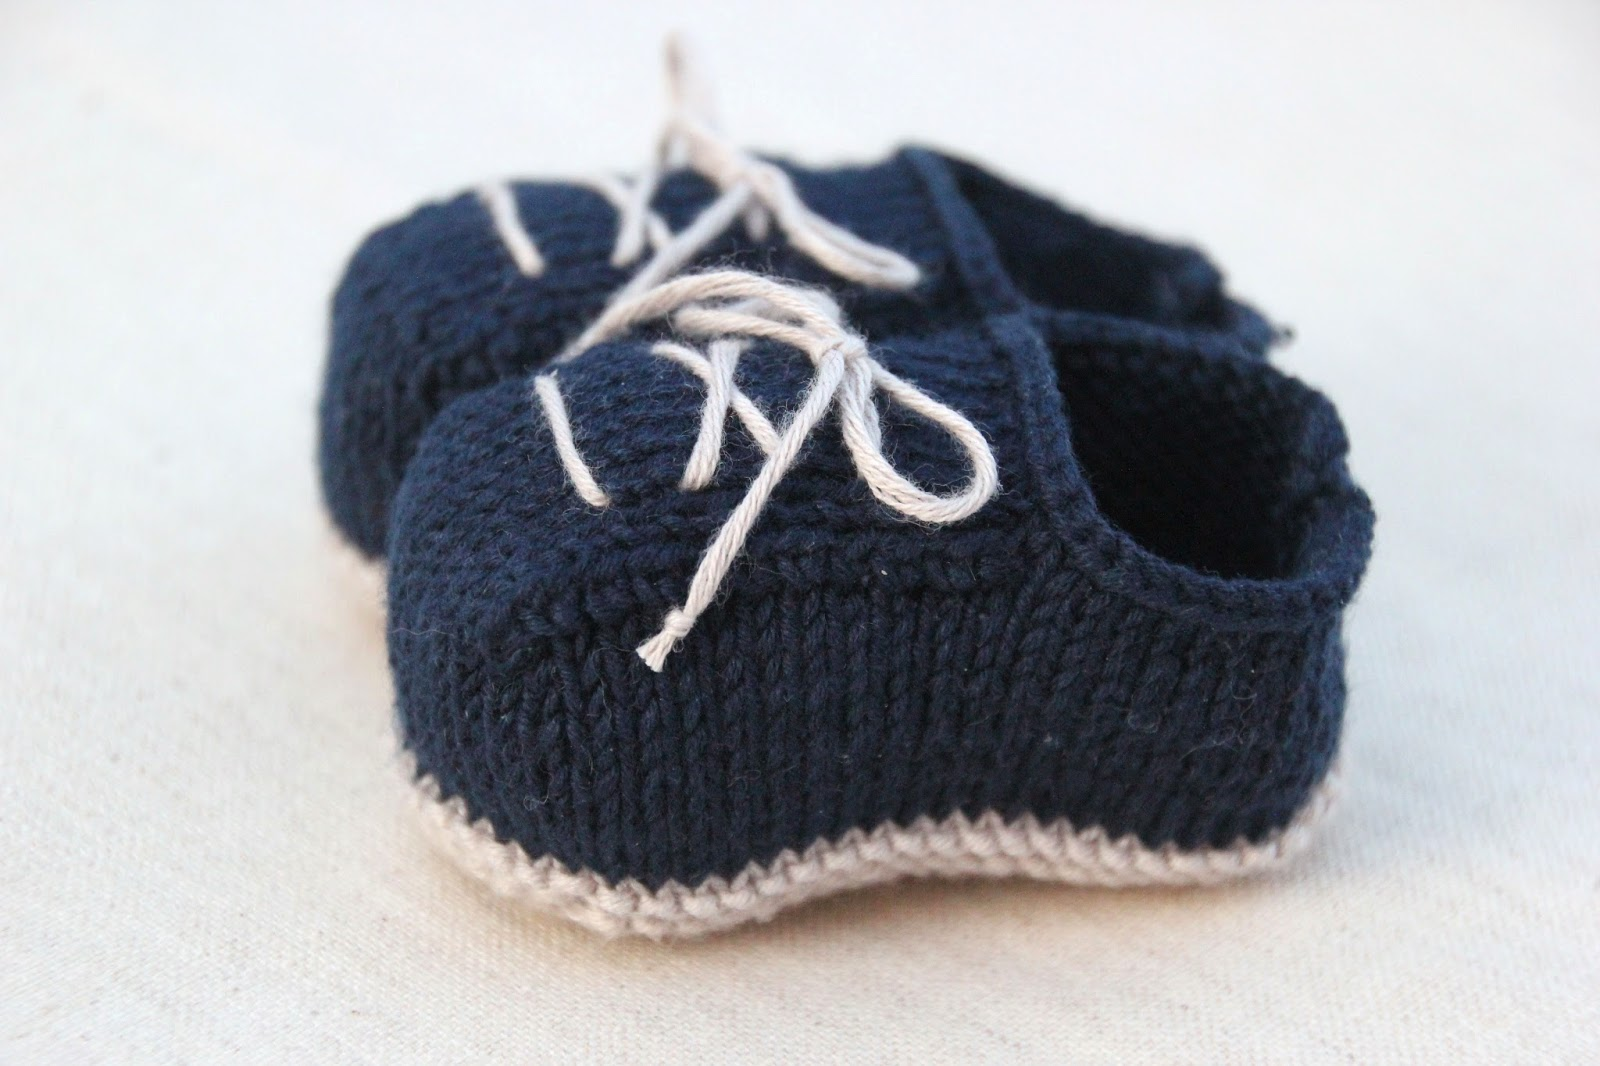 DIY como hacer patucos bebe de lana dos agujas (patrón patucos gratis)